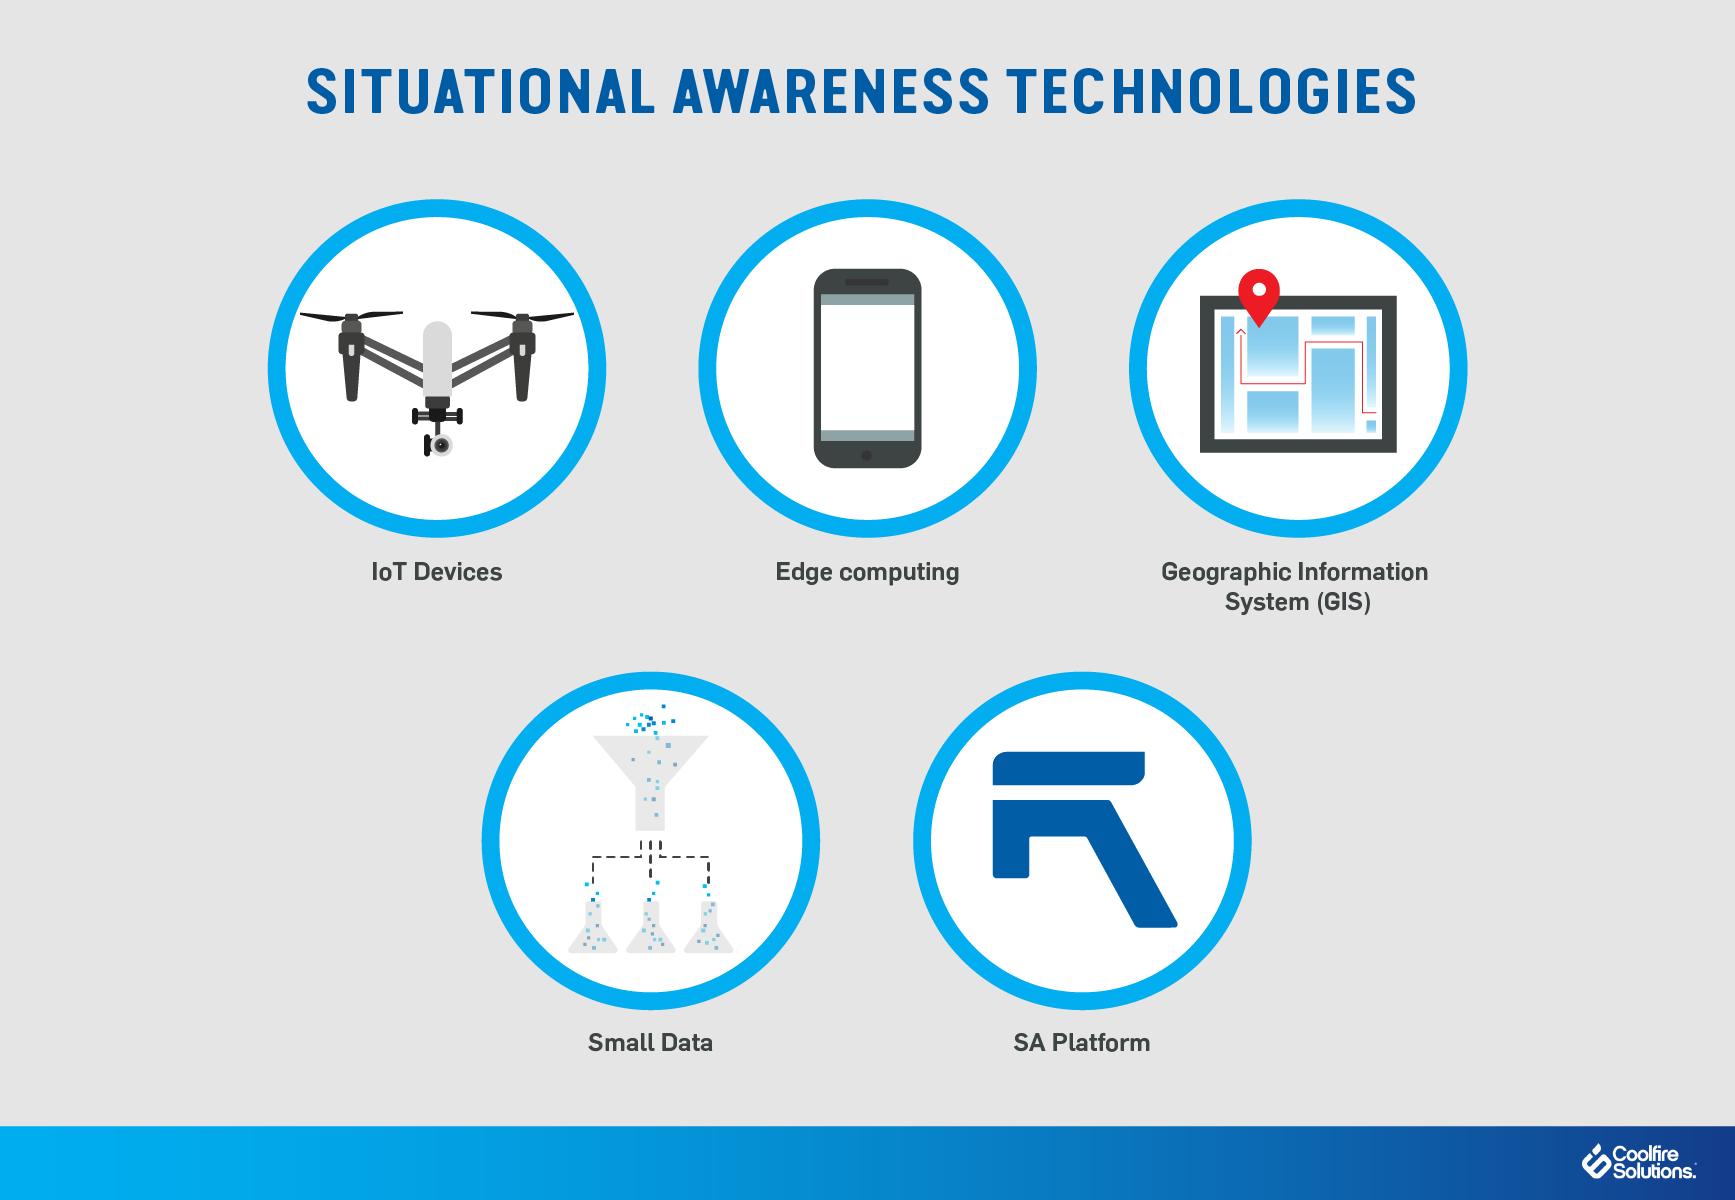 Situational Awareness Technologies